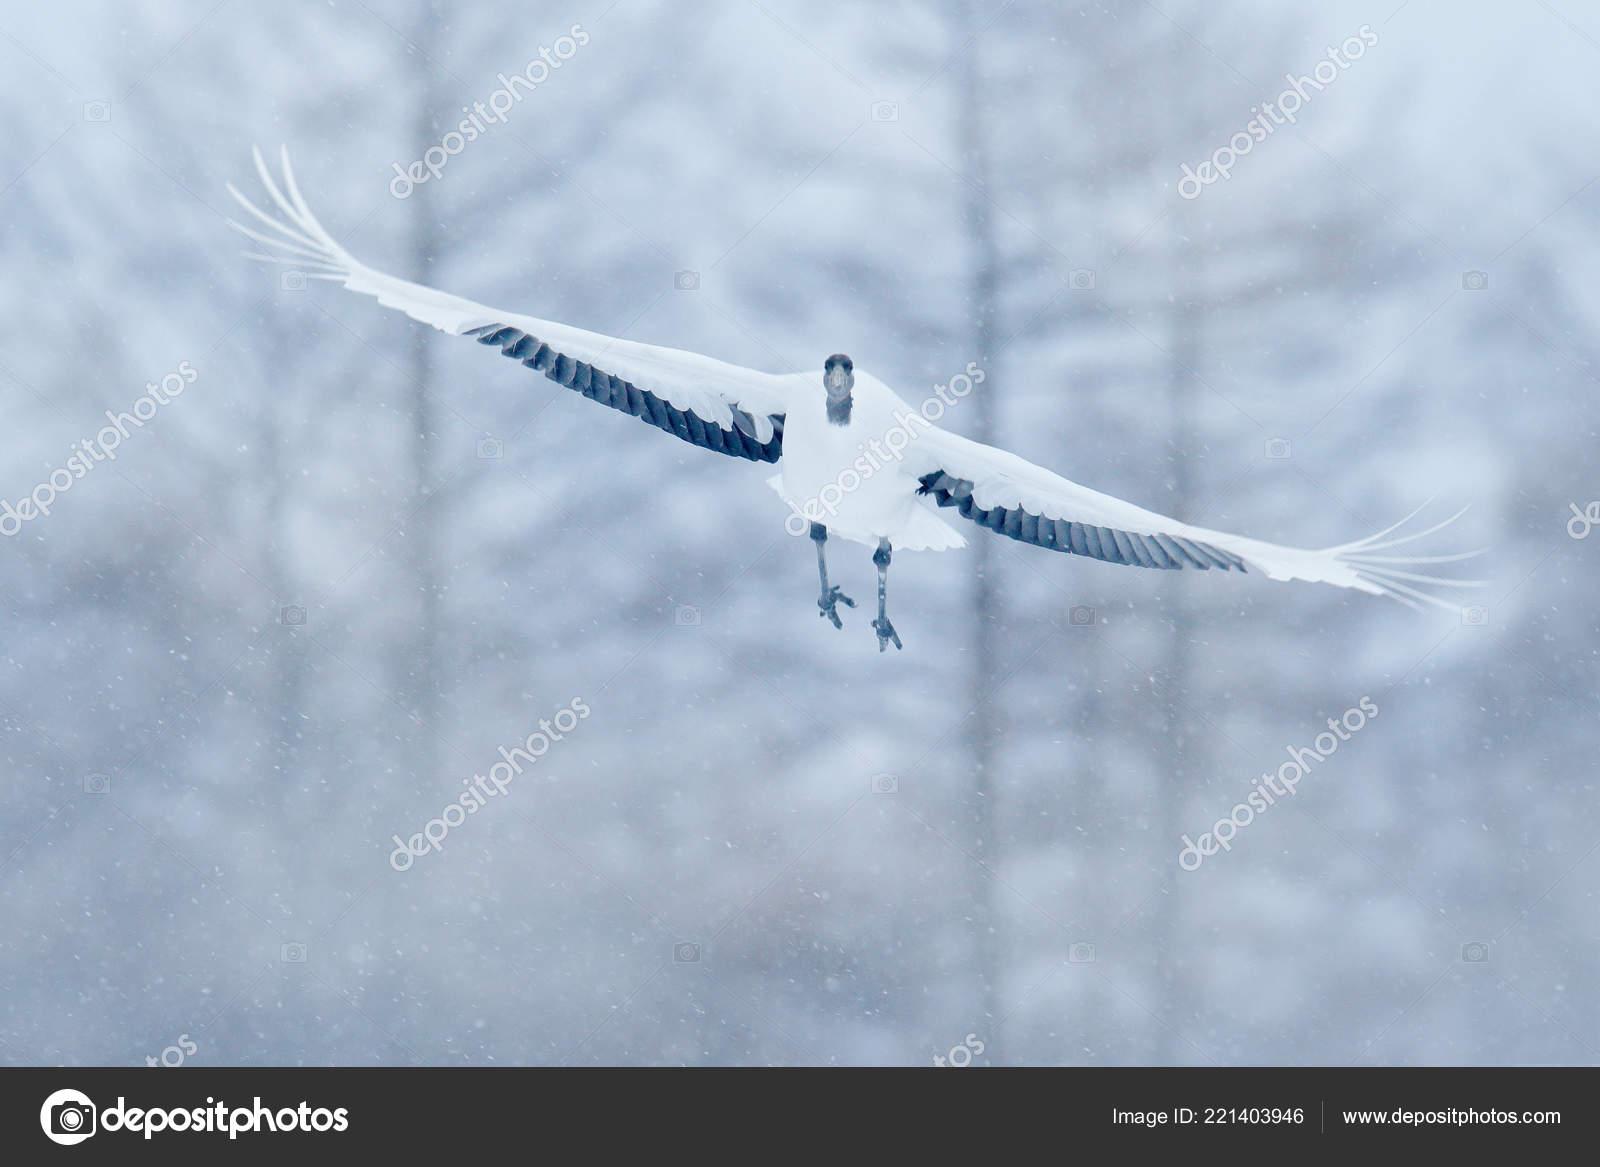 μεγάλο λευκό πουλί φωτογραφίες